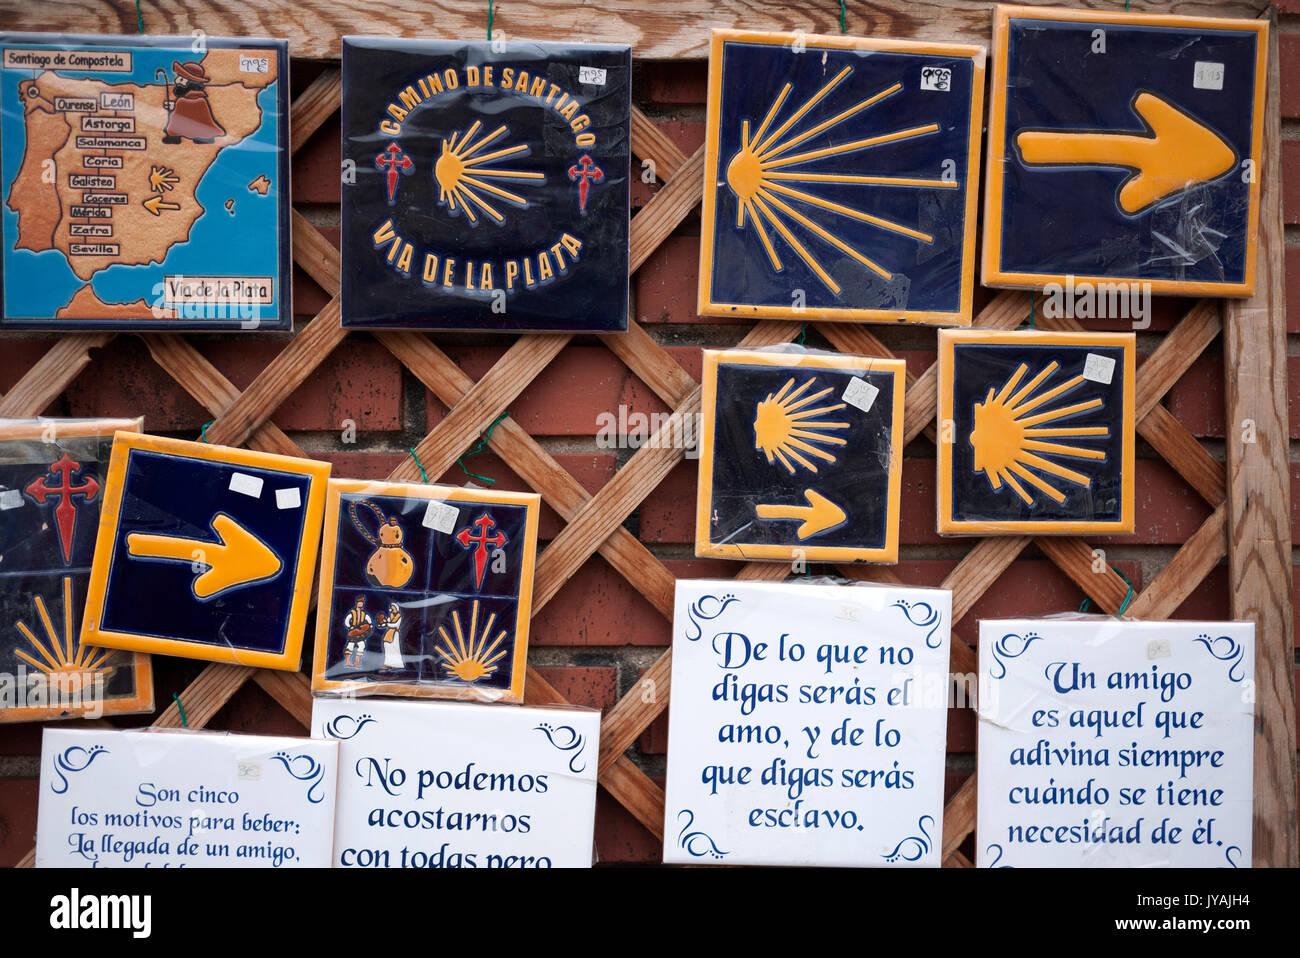 Camino de santiago via de la plata souvenir ceramic tiles on sale camino de santiago via de la plata souvenir ceramic tiles on sale stock photo 154512768 alamy dailygadgetfo Image collections